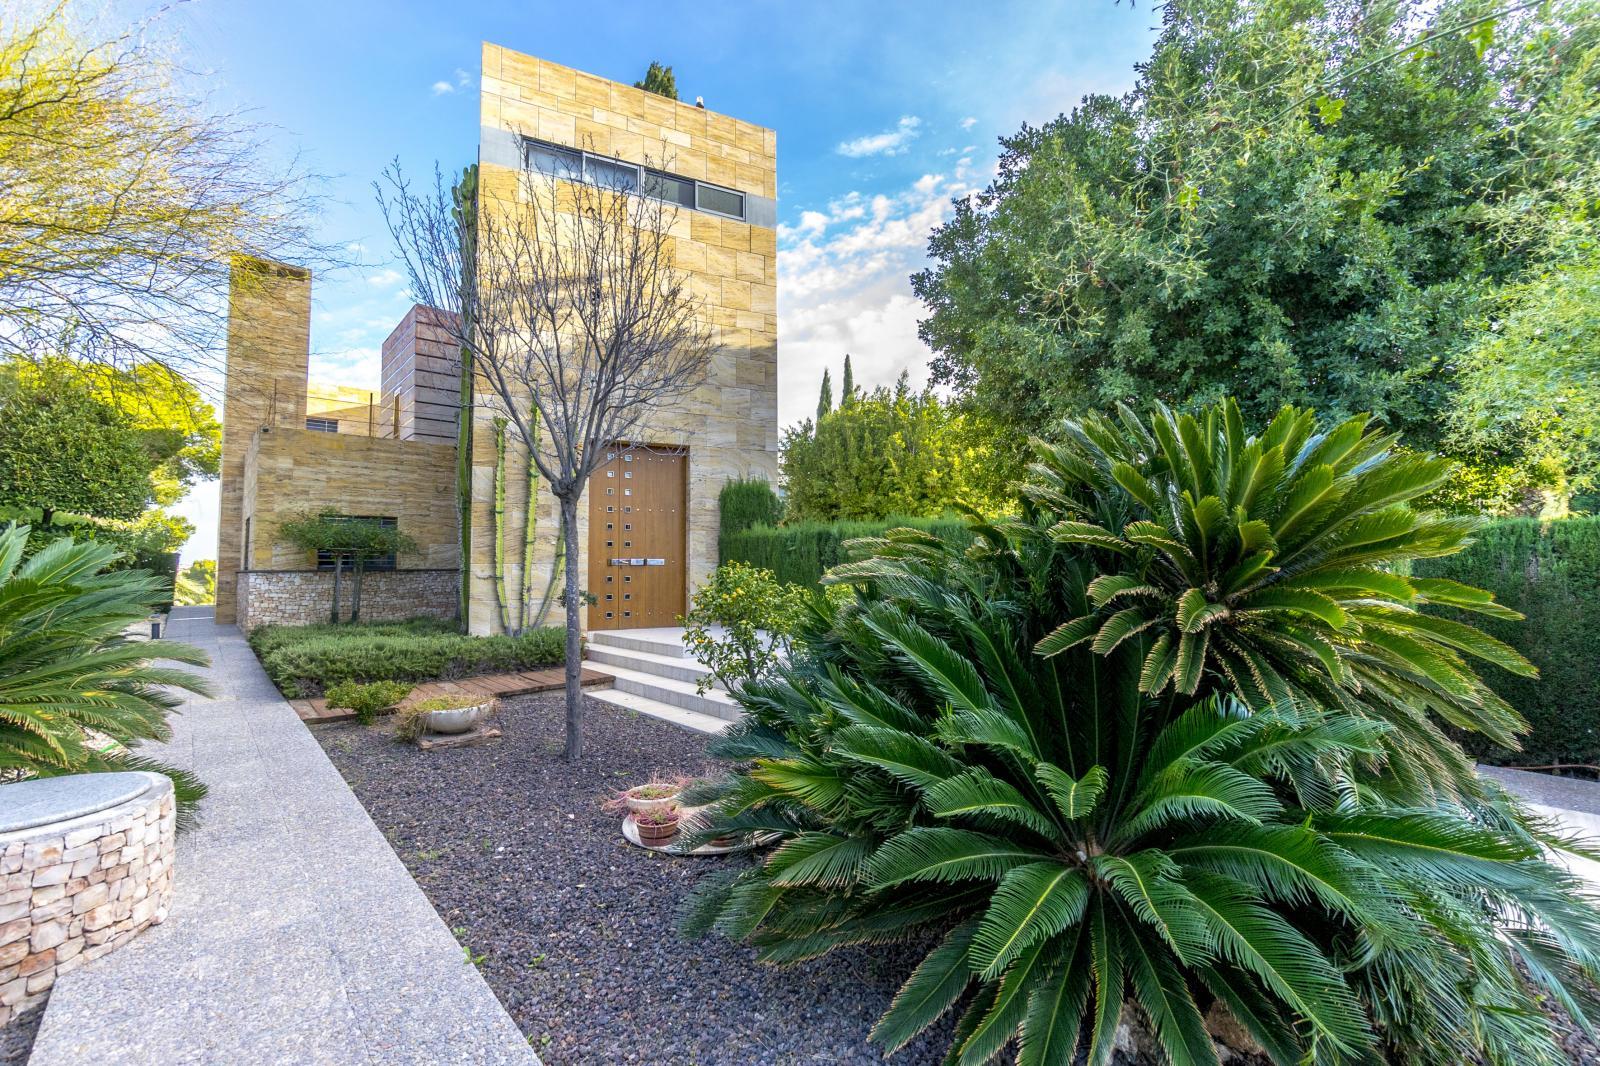 64977240 3223954 foto127967748 - Lujo, diseño y funcionalidad en esta villa en Campoamor (Alicante)